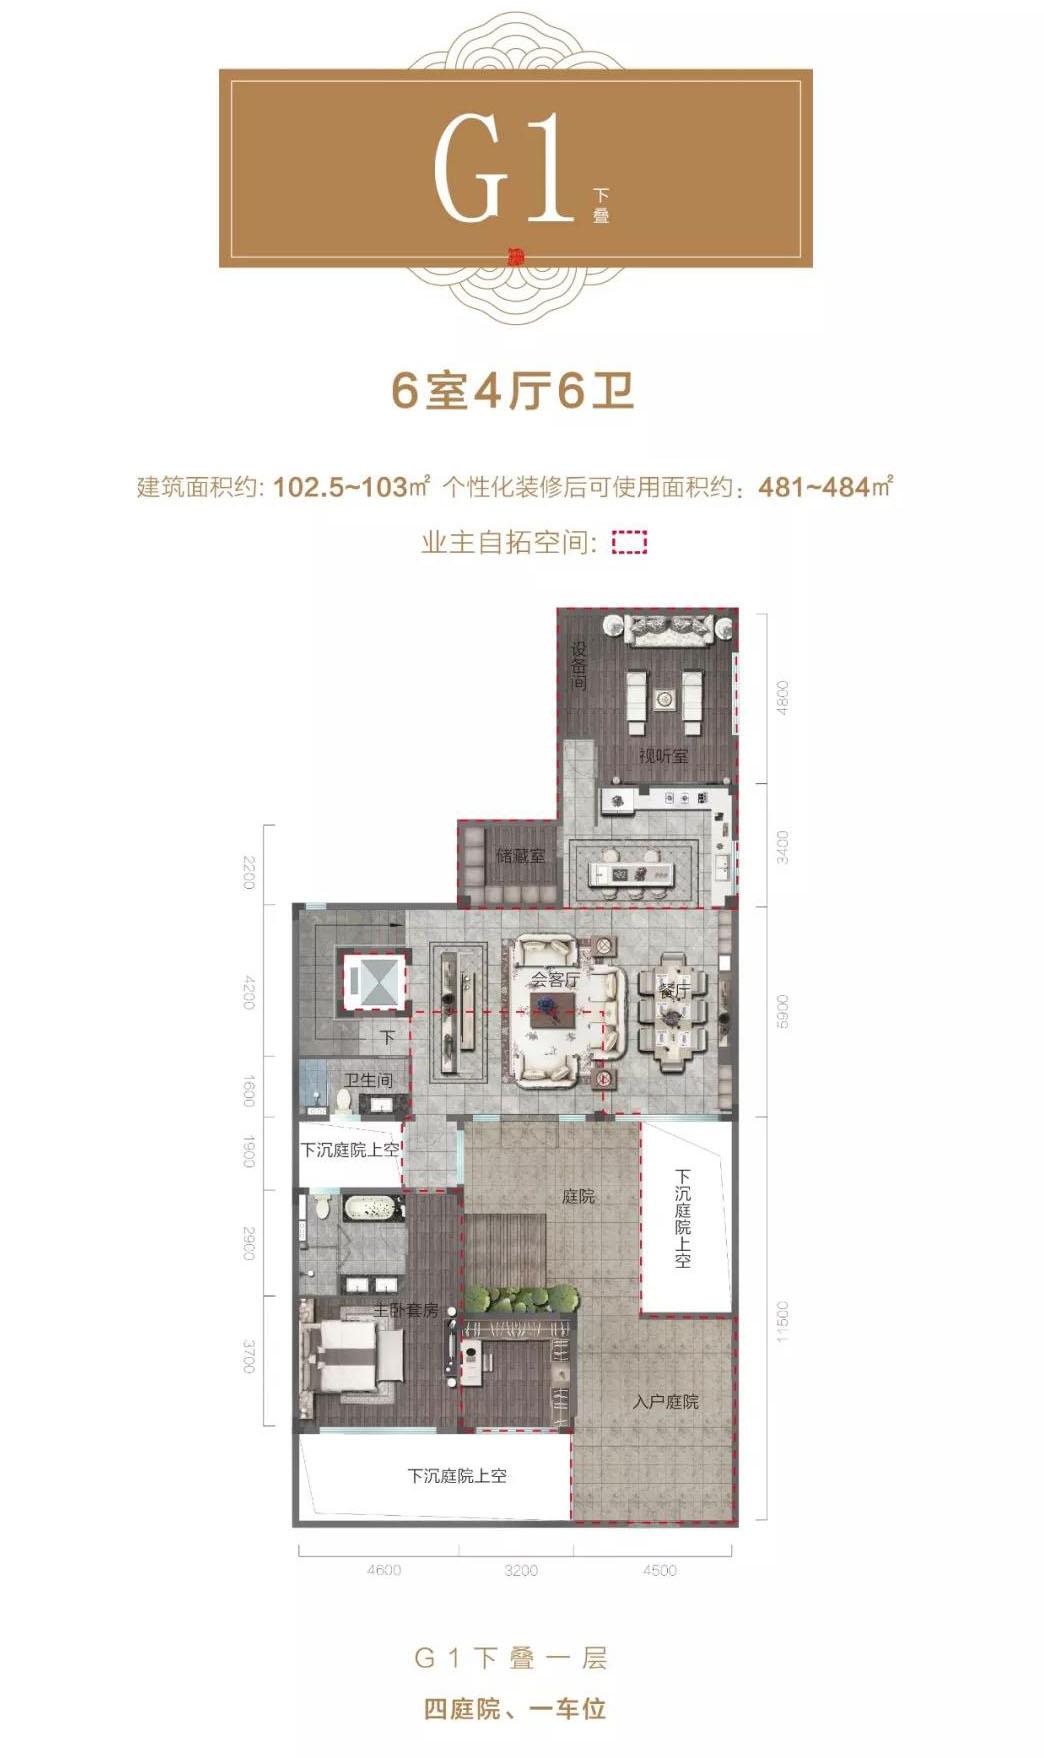 G1下叠一层建面约102-103㎡6室4厅6卫